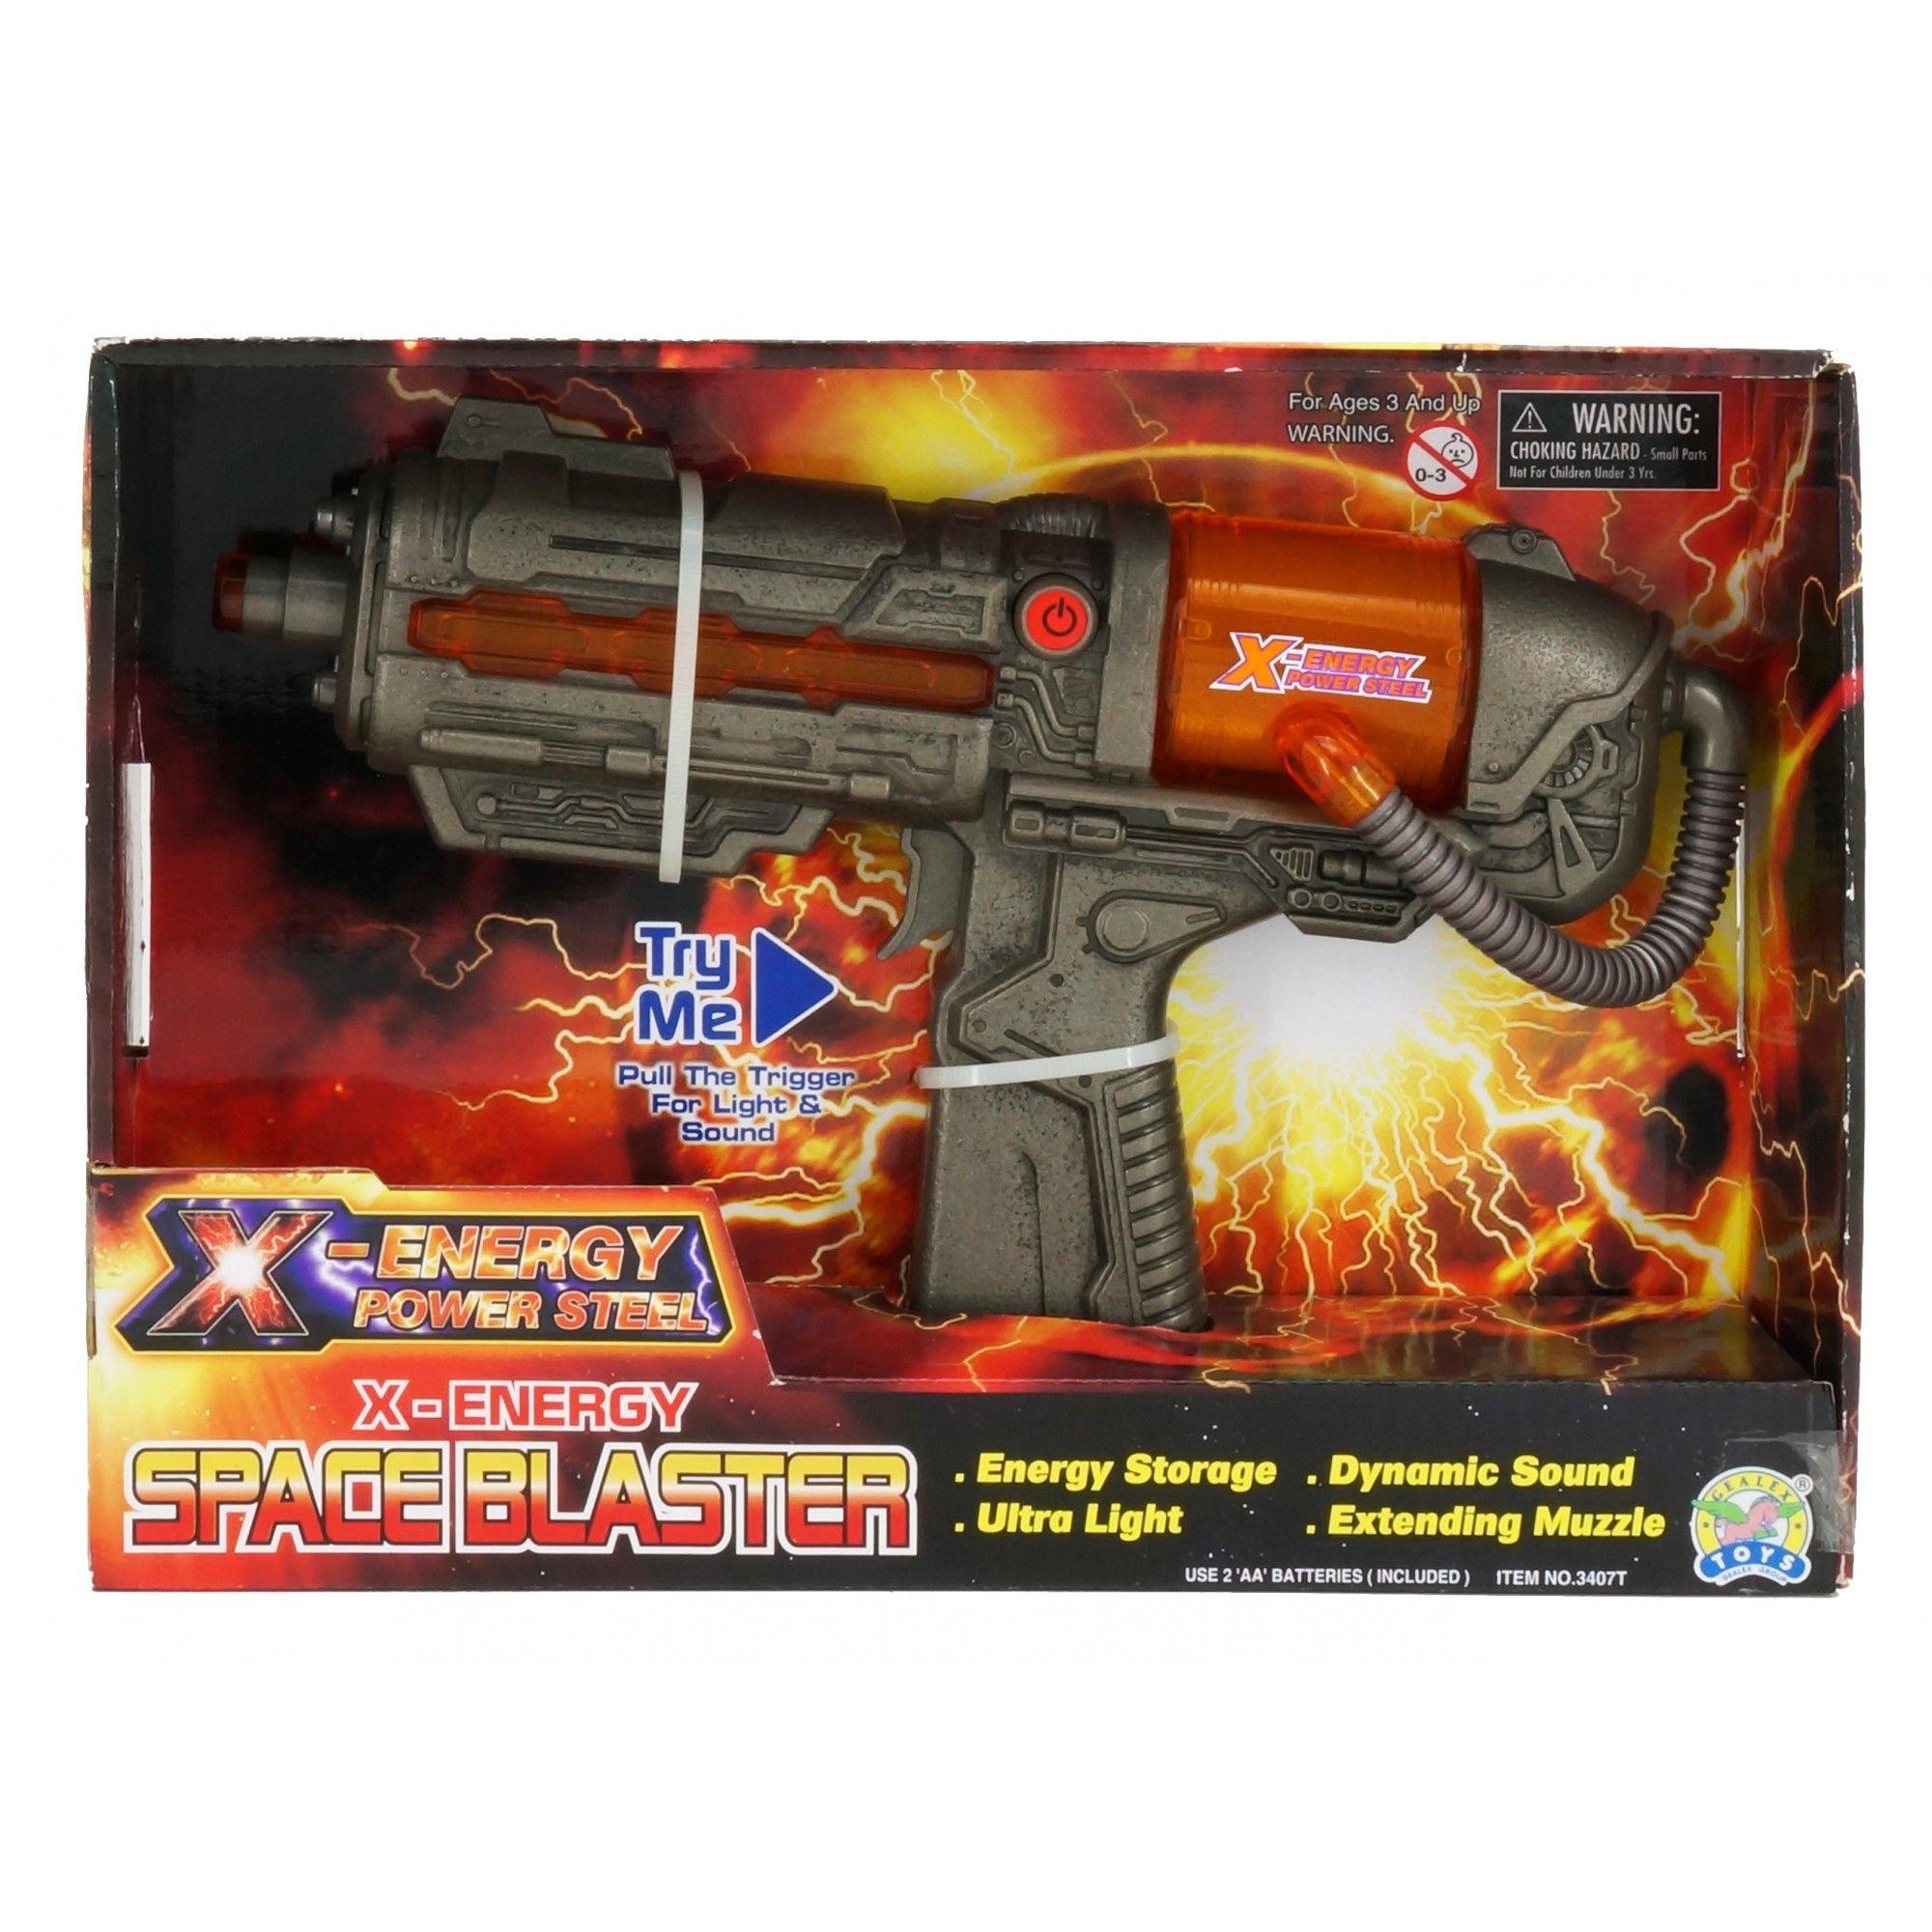 X-Energy Space Blaster